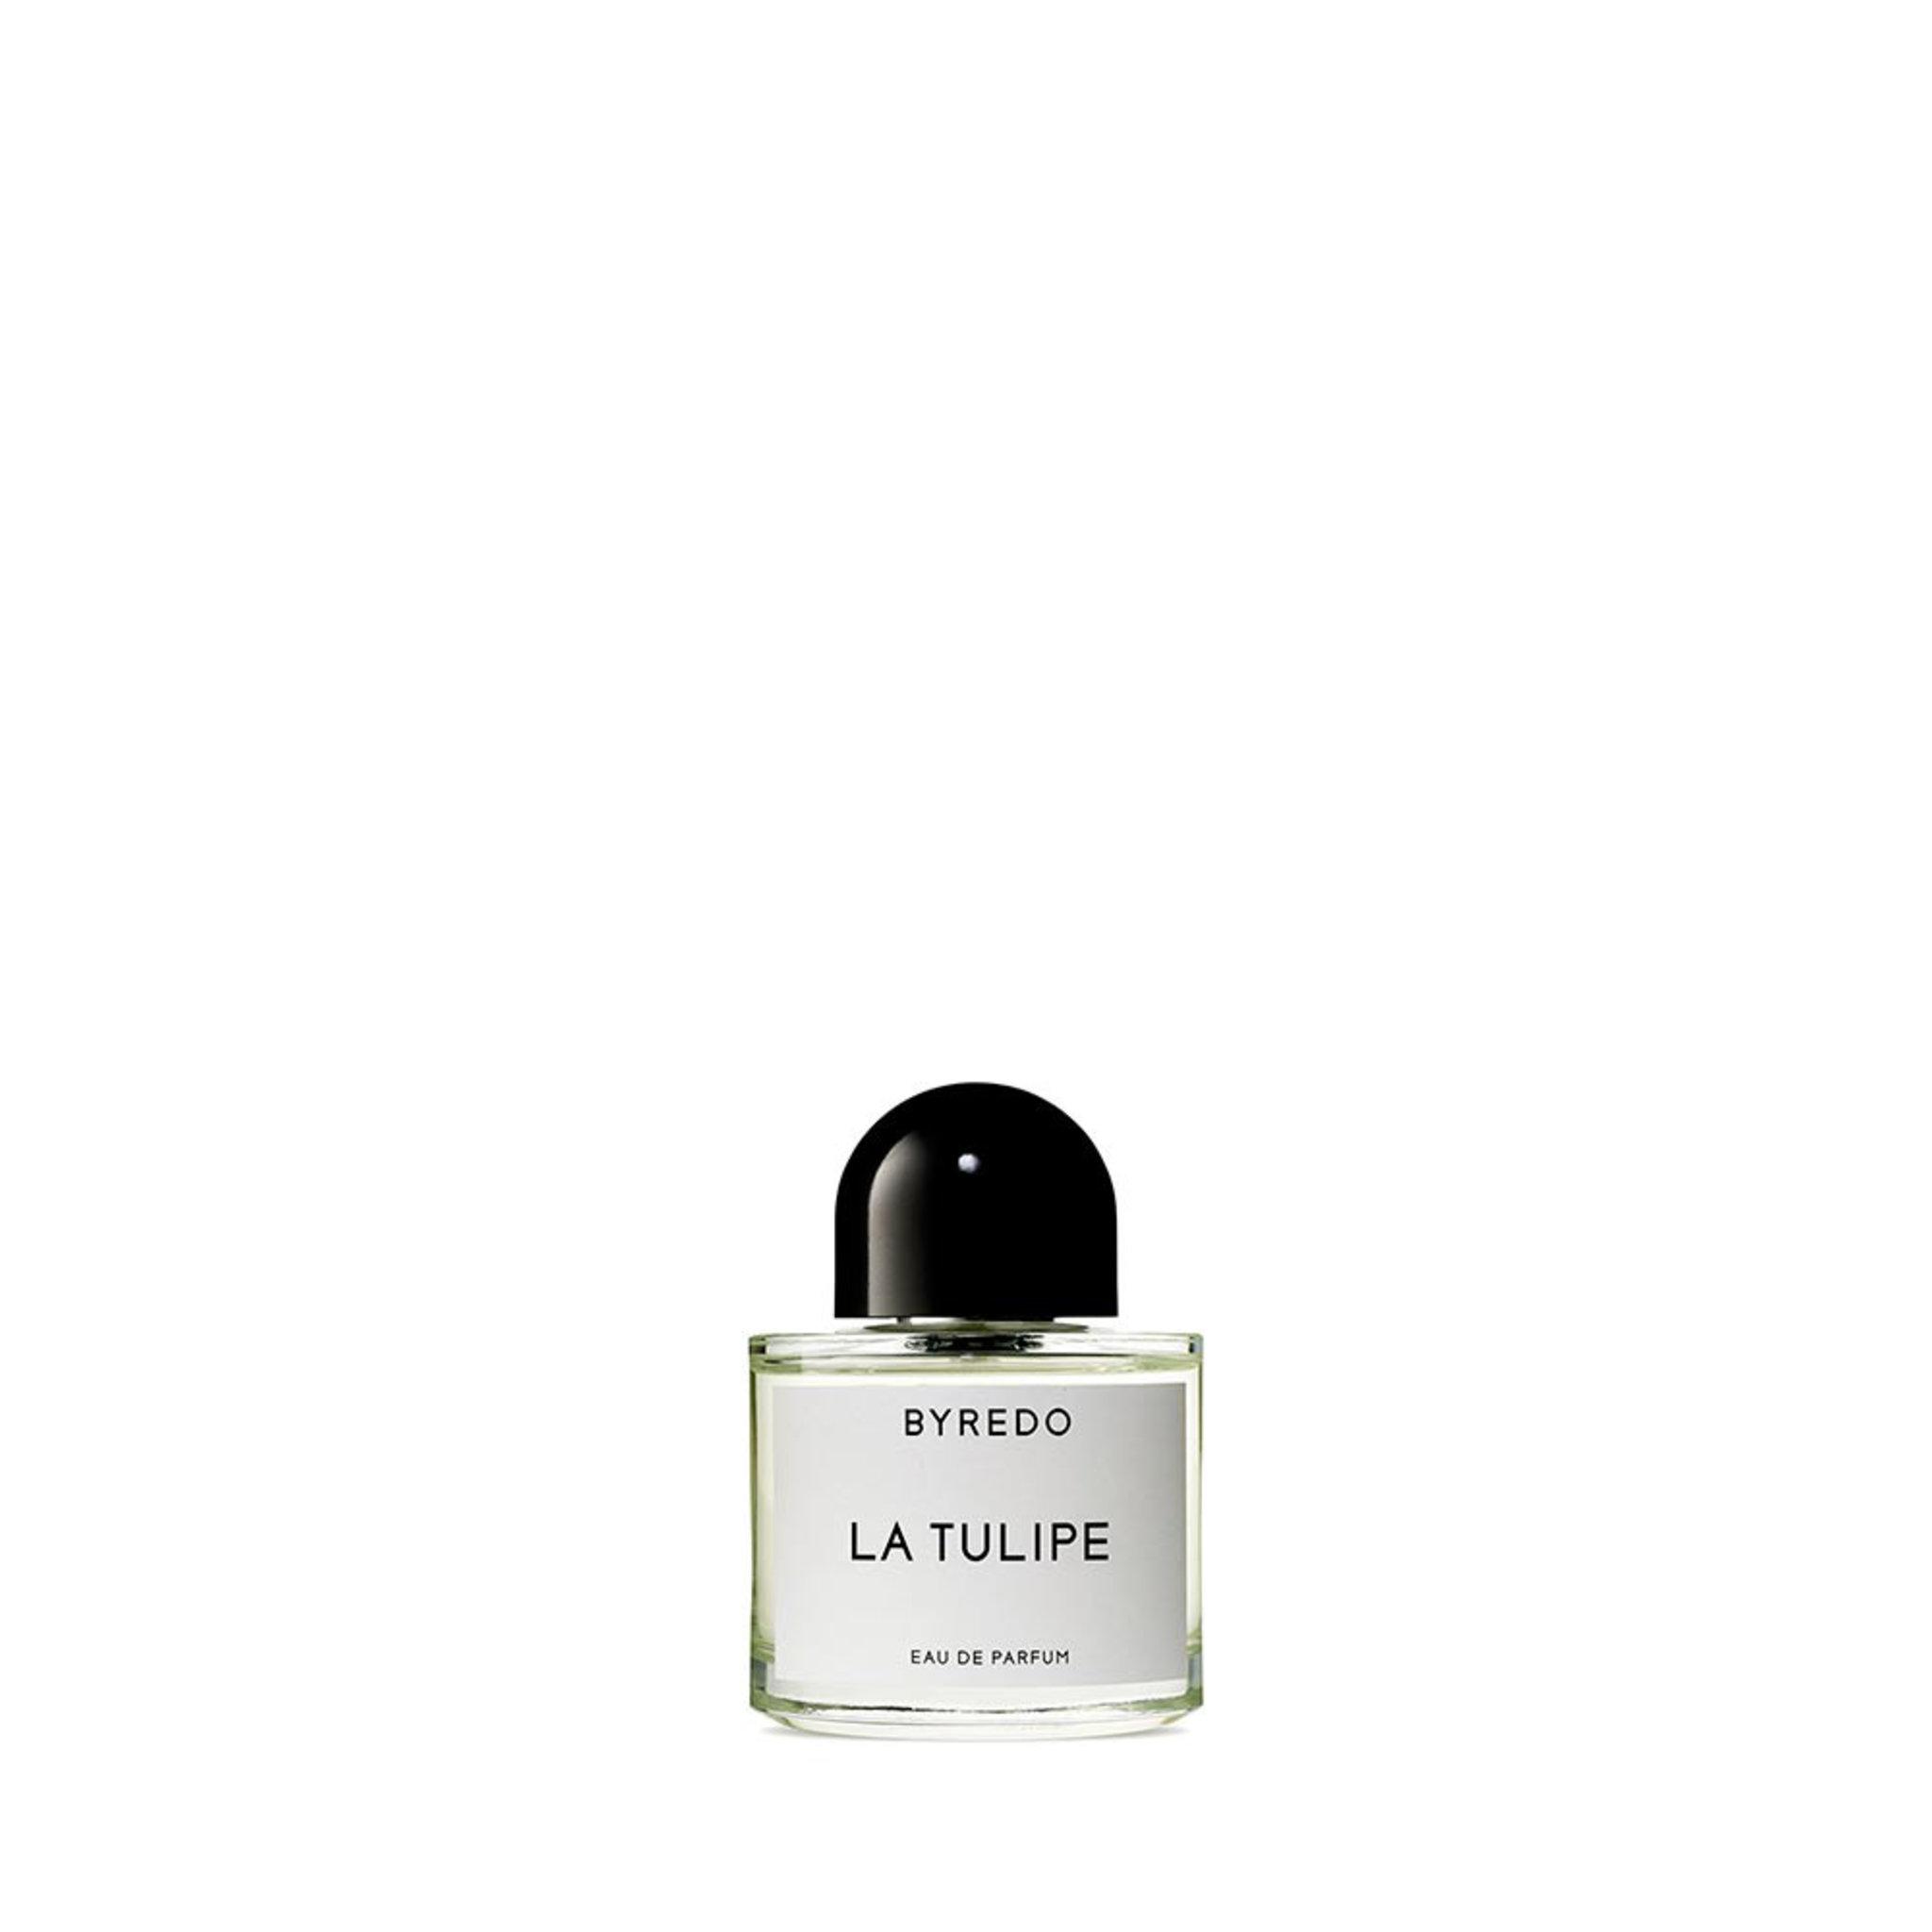 La Tulipe Hair Perfume 75 ml BYREDO KICKS